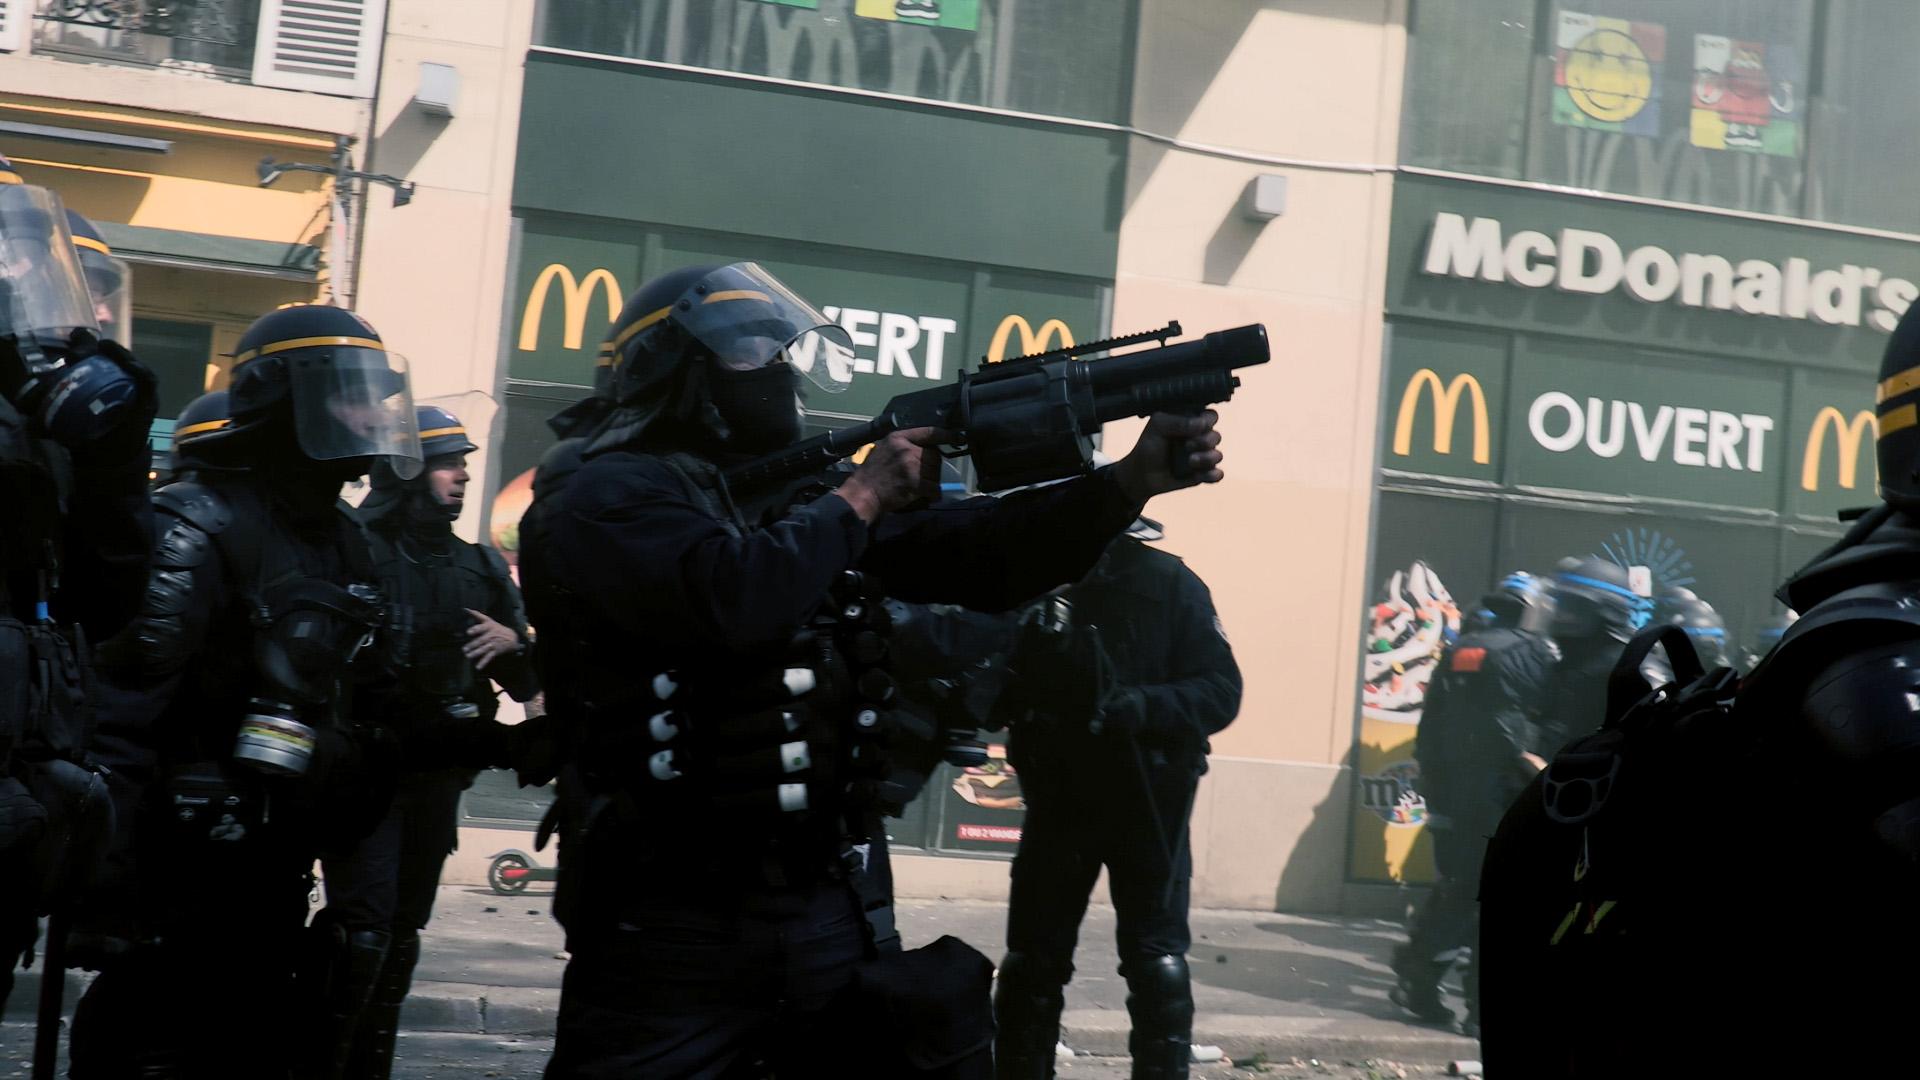 Festival Résistances David Dufresne Un Pays Qui Se Tient Sage 2021 Cinéma Militant Films Documentaire Français Violences Policières